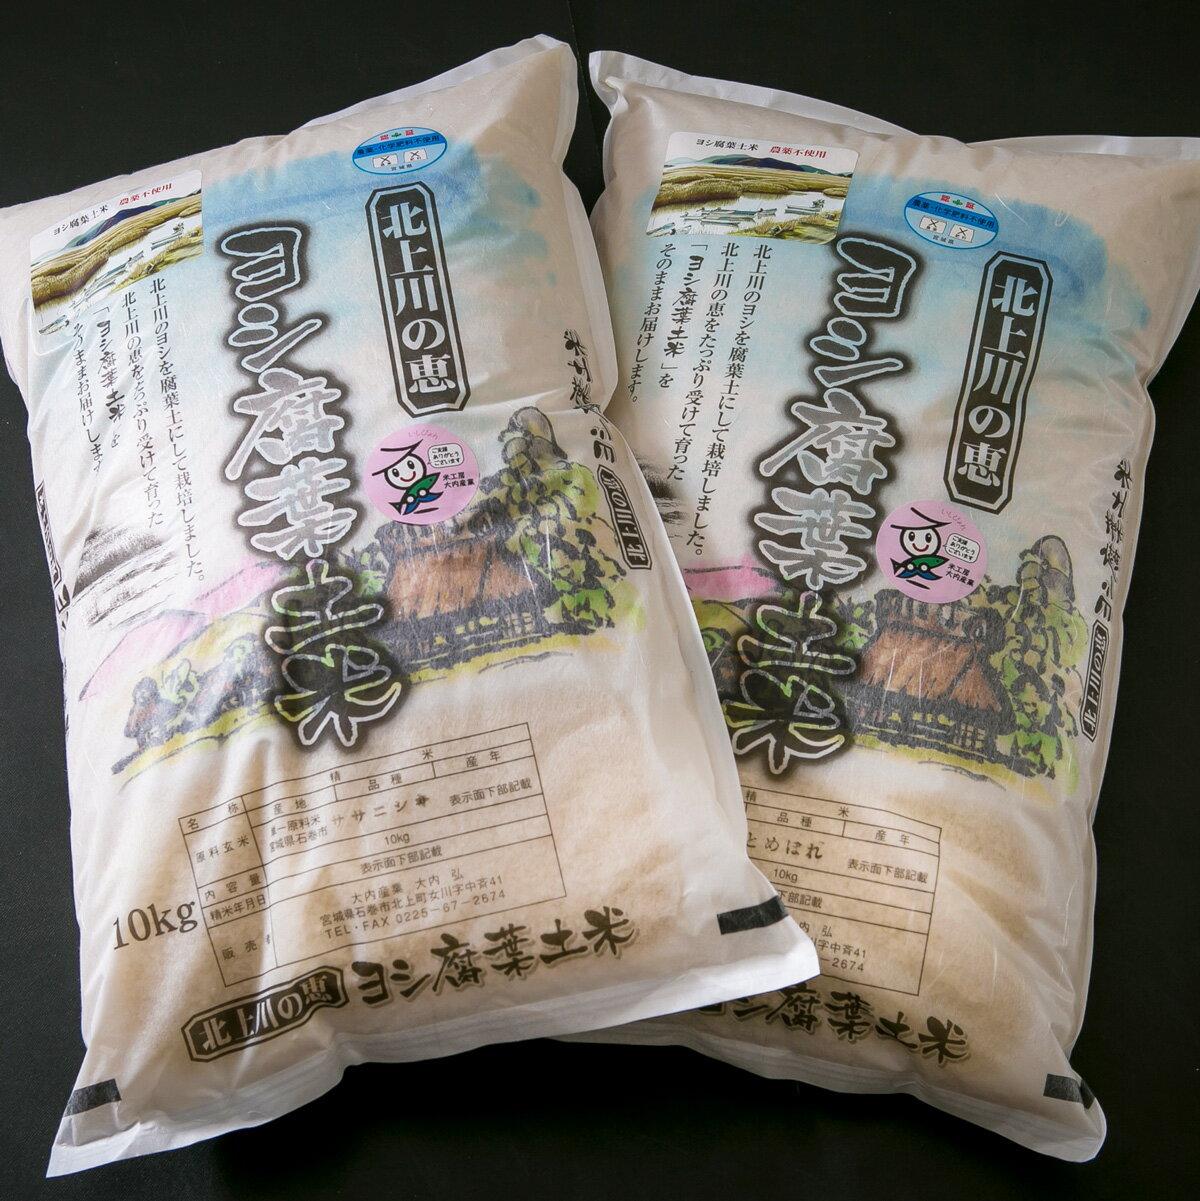 【ふるさと納税】節減対象農薬:栽培期間不使用 ヨシ腐葉土米 ササニシキ20kg、ひとめぼれ10kg 計30kg